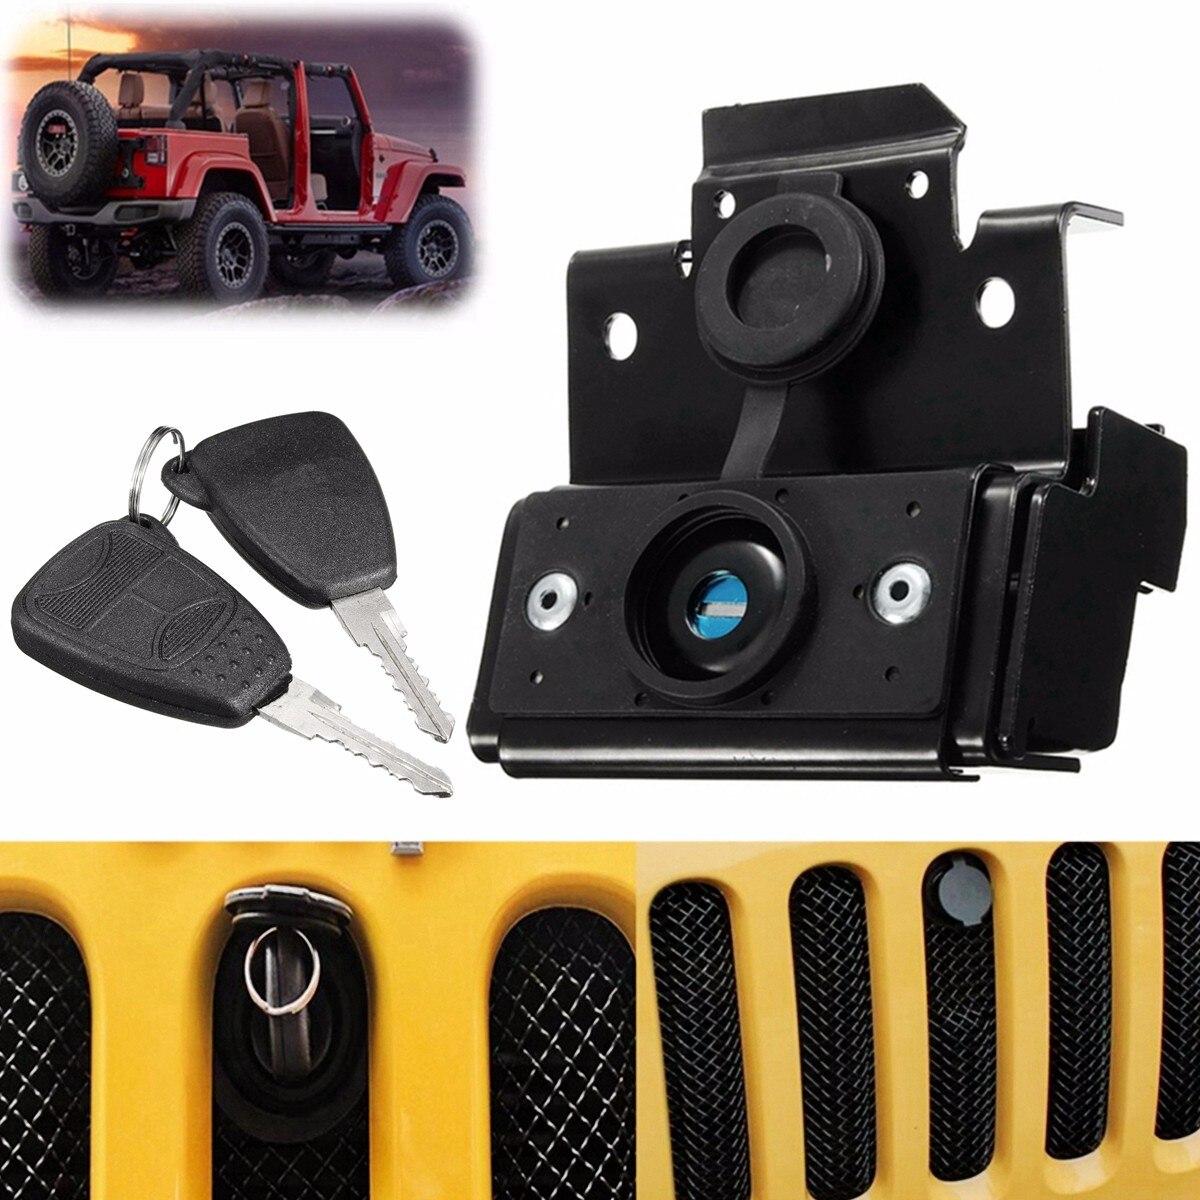 Черный Замок капота автомобиля Противоугонный ключ безопасности комплект в сборе для Jeep для Wrangler JK 2007-2016 автомобильные аксессуары запасные...